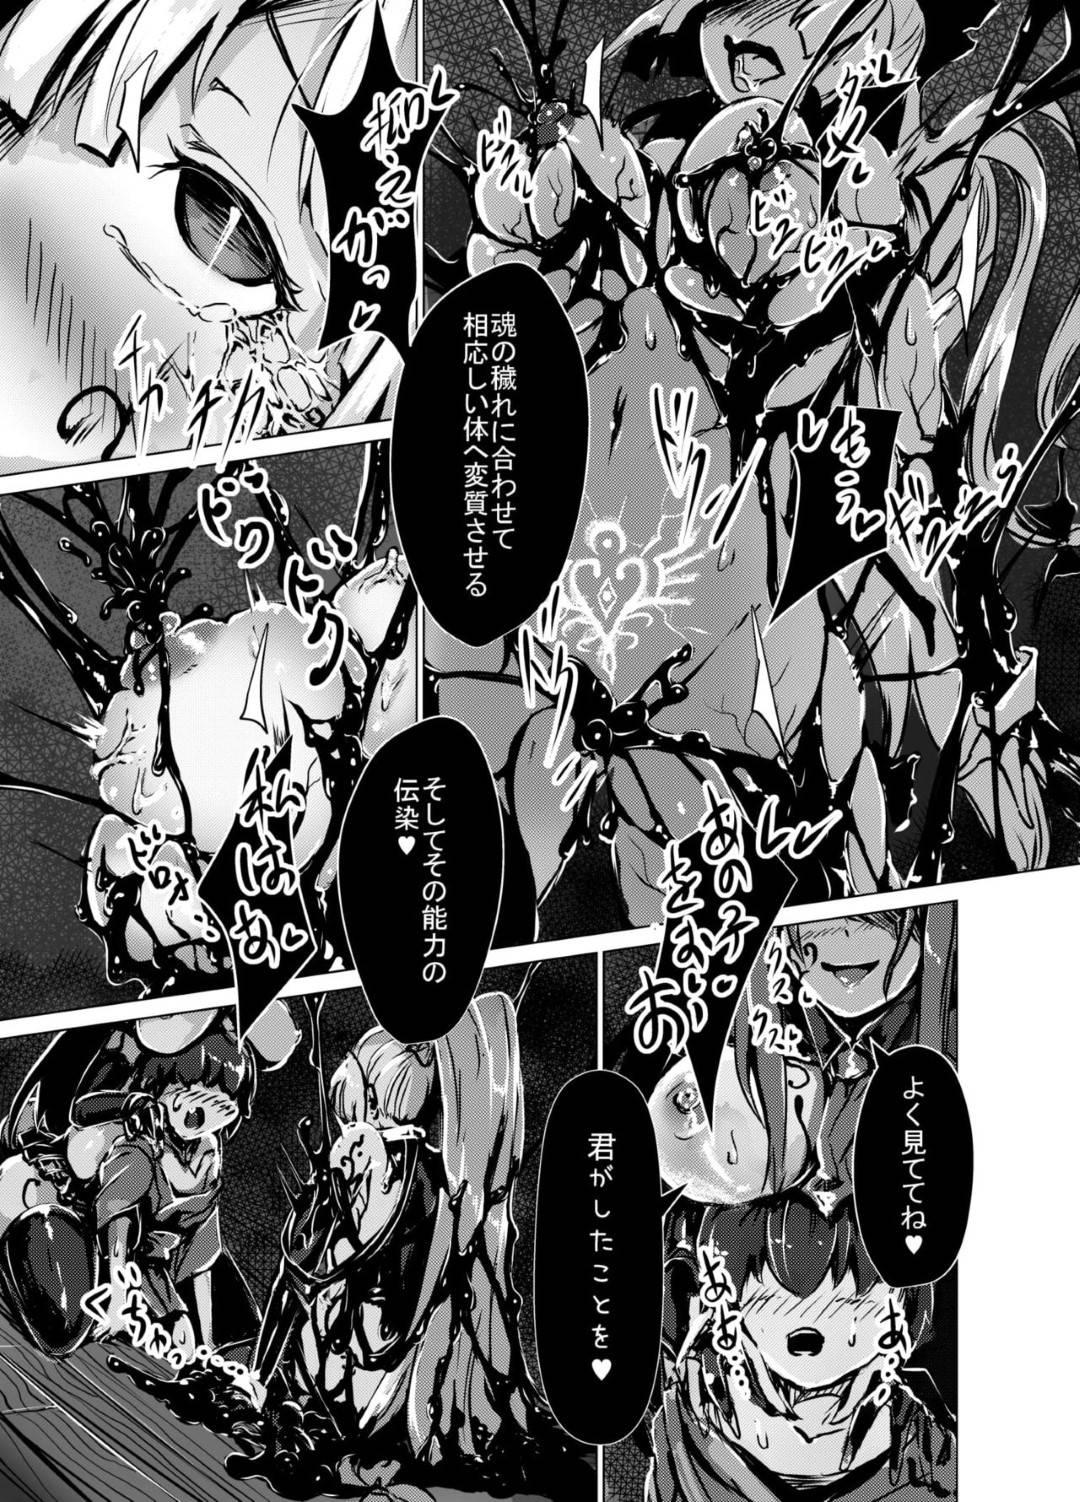 【東方エロ漫画】淫紋の影響でふたなりとなった輝夜。欲望を抑えきれなくなった彼女は妹紅を拘束し、ふたなりチンポでレイプしてしまう!次第に妹紅も欲望に堕ちてショタのチンポを狙うのだった!【秋月・午・サッカリン】